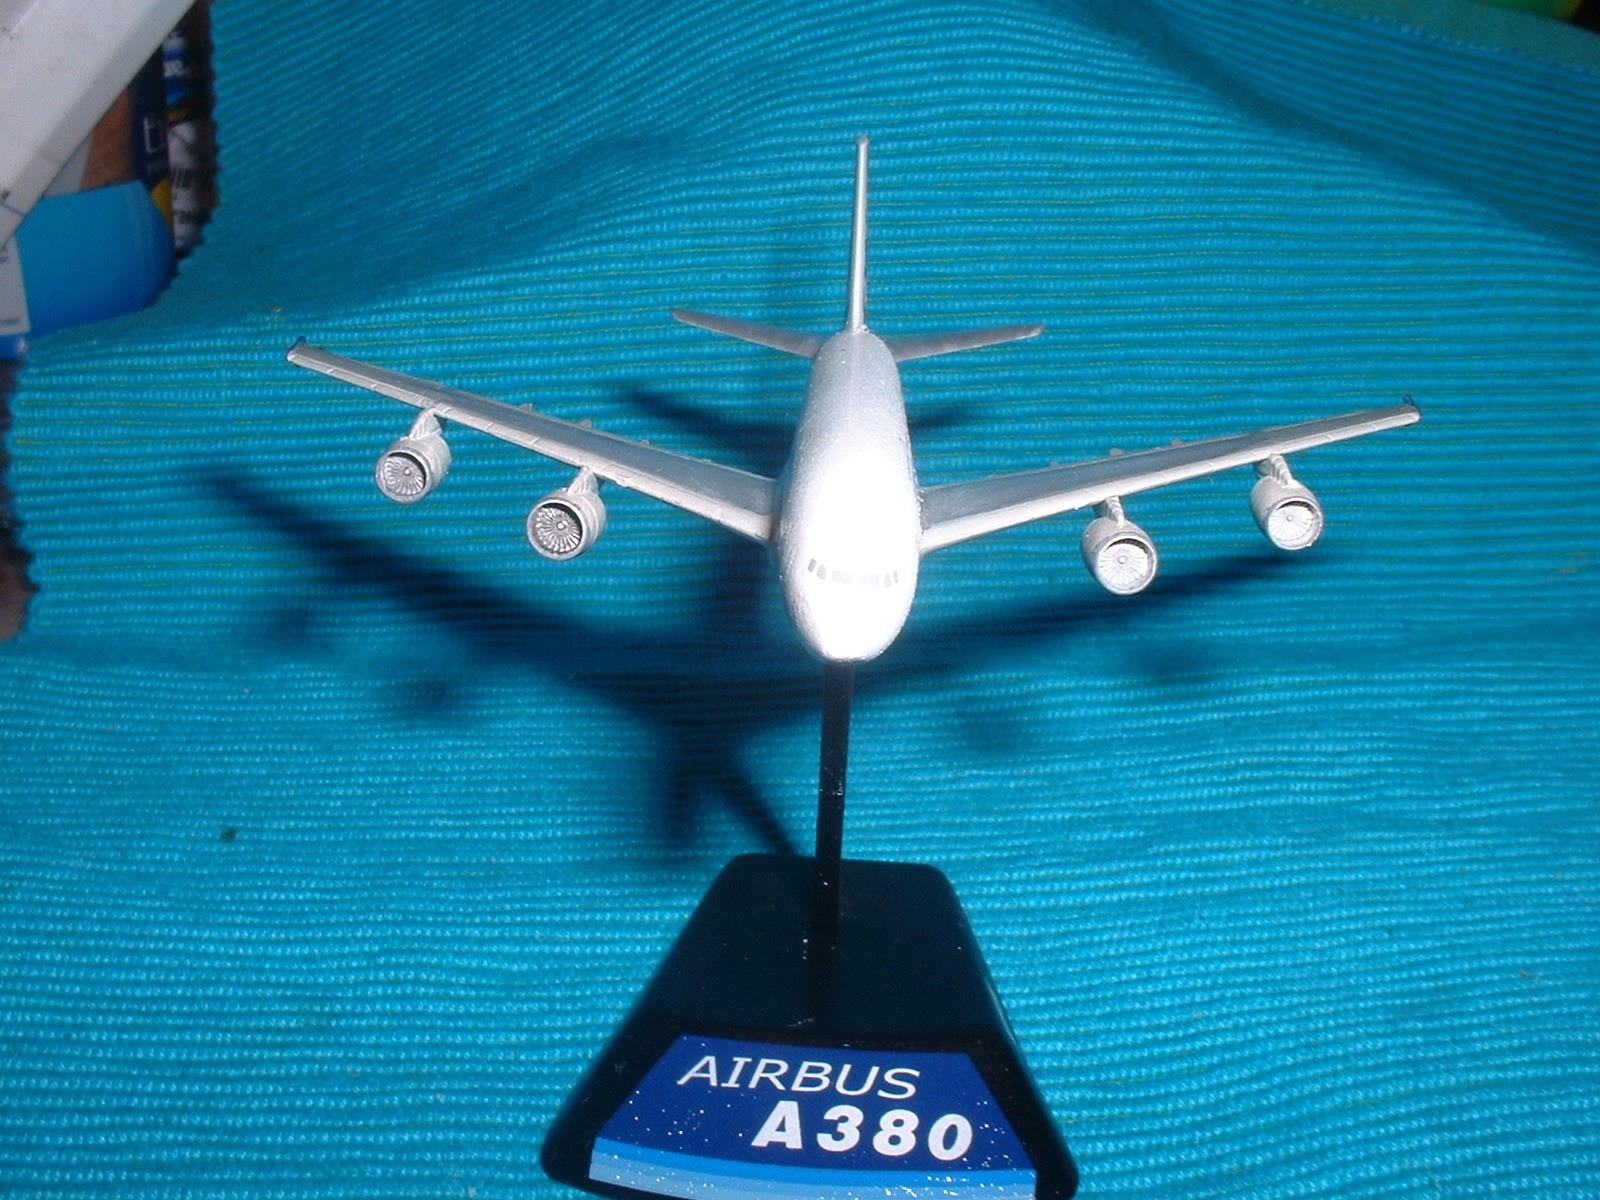 エレール 800分の1「エアバスA380 」その4.JPG